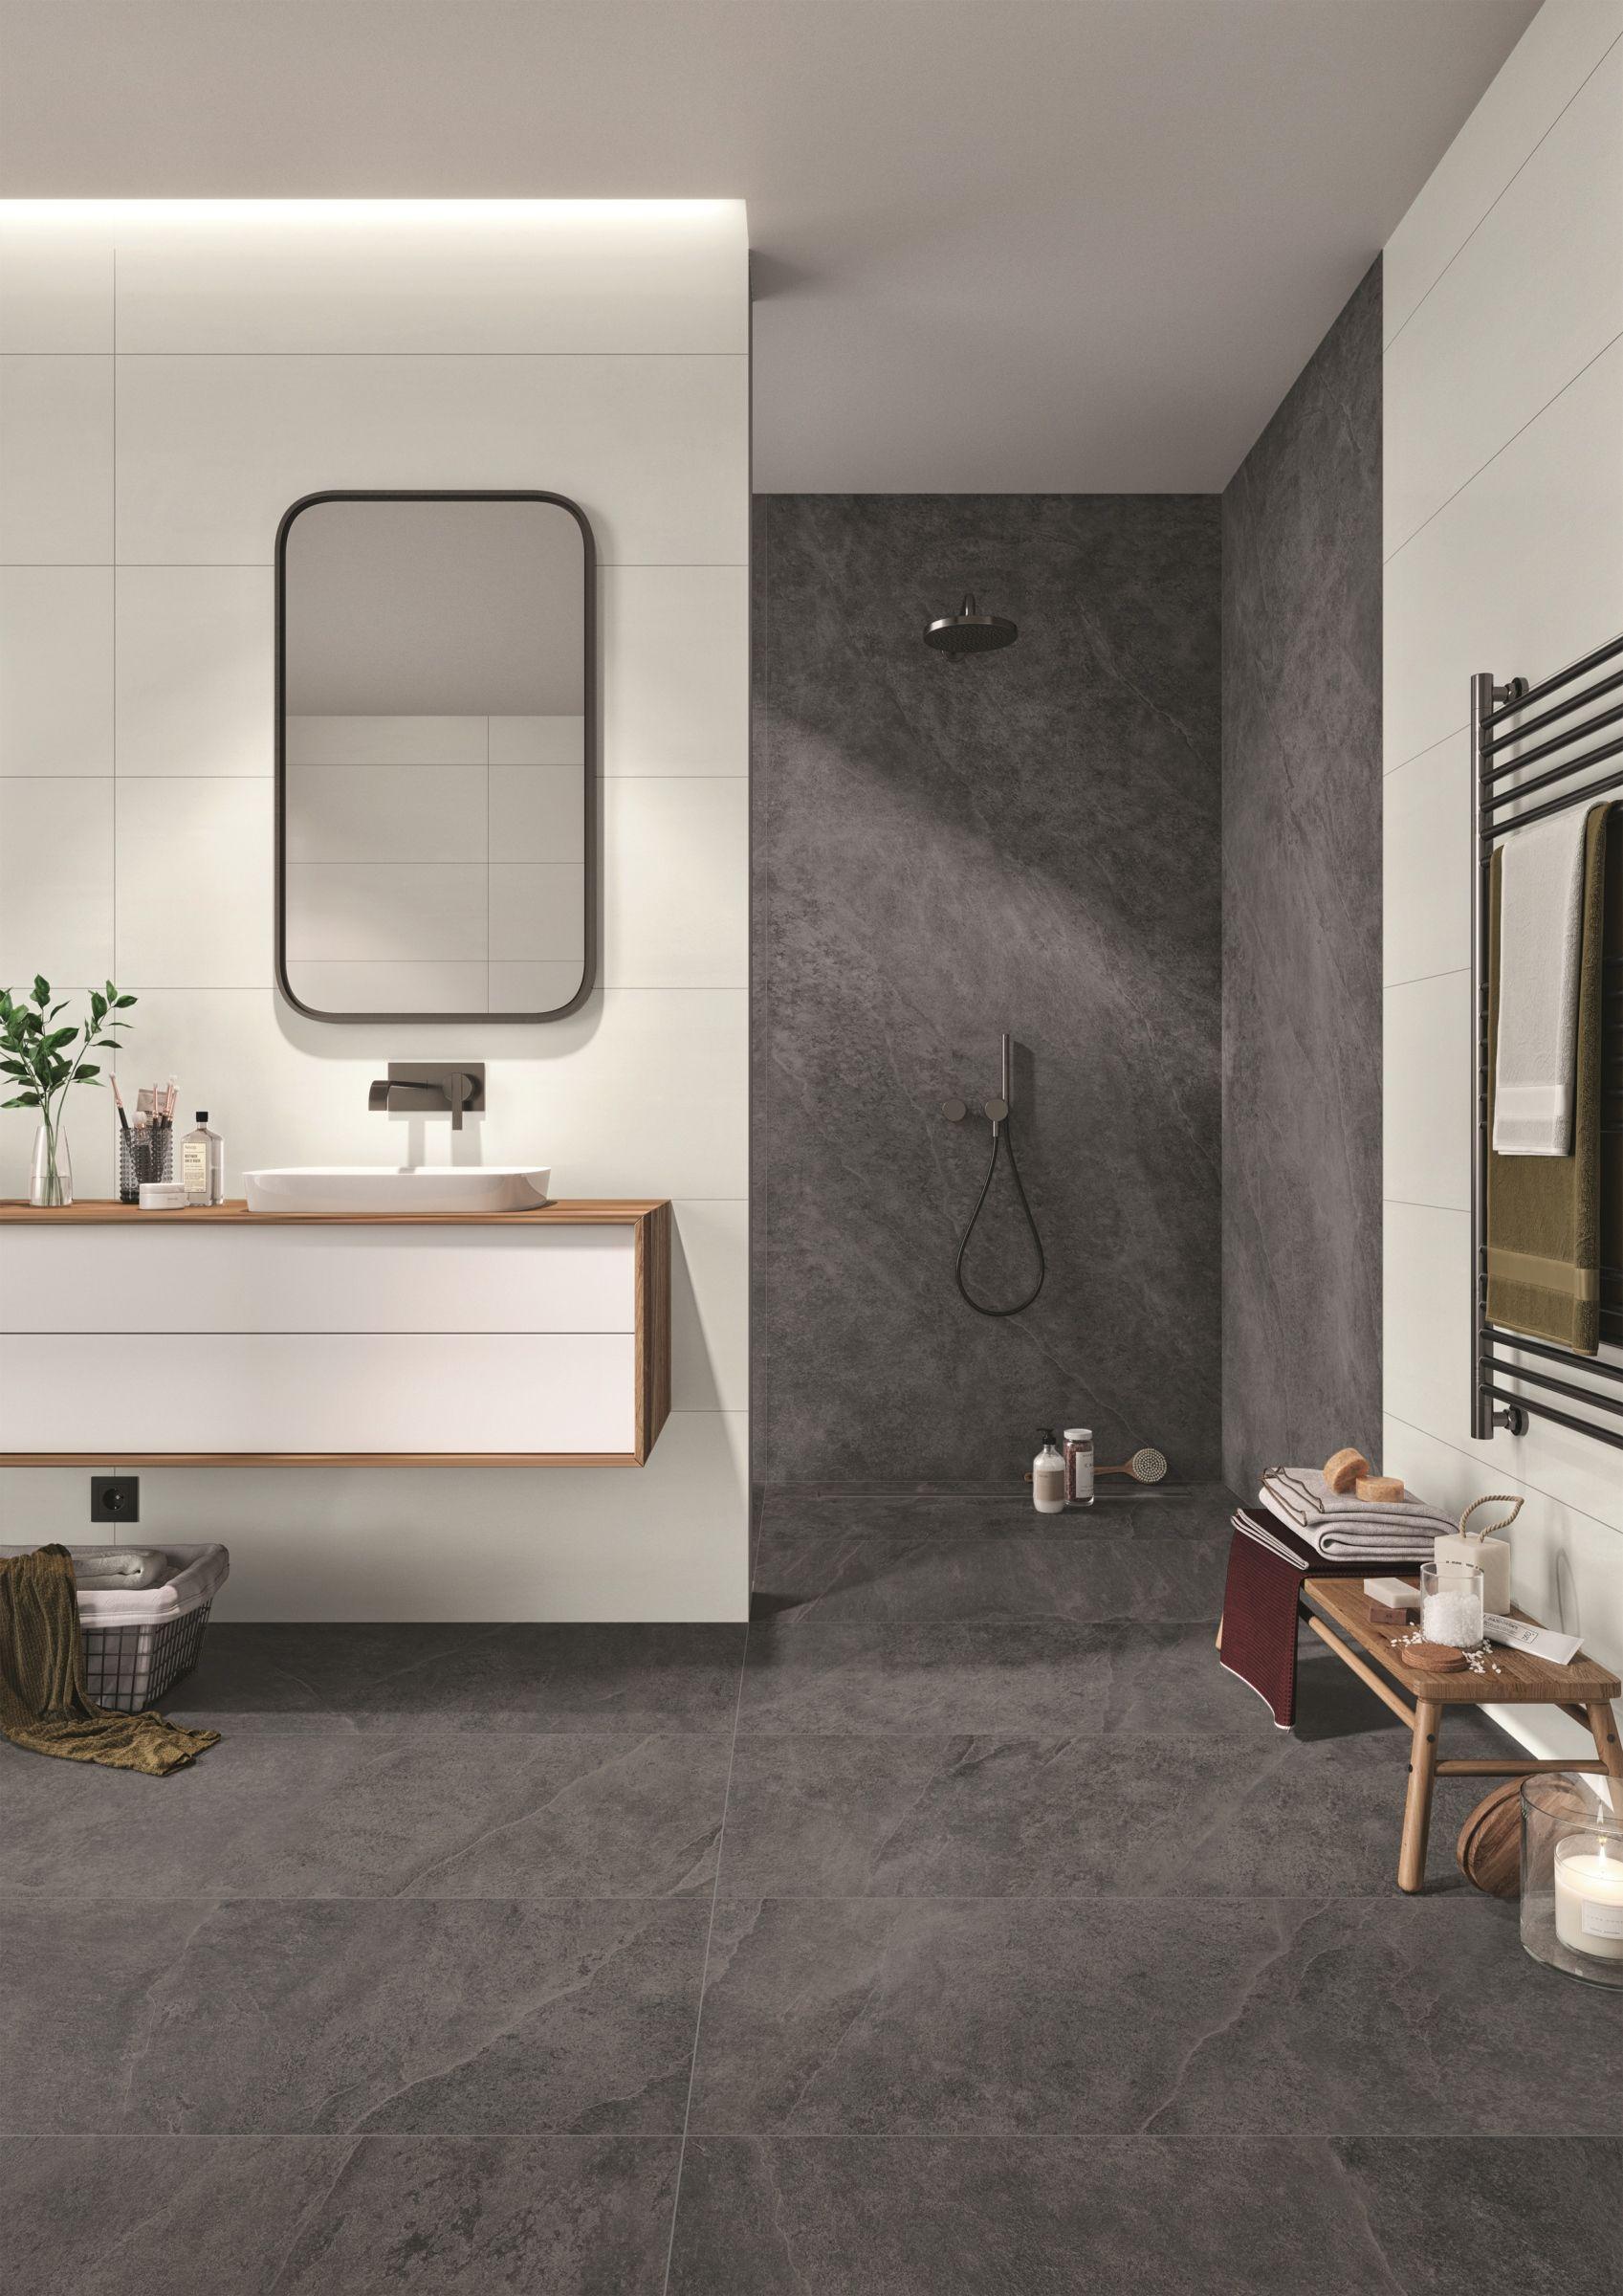 82 Tolle Badezimmer Fliesen Designs Zum Inspirieren Badezimmer Fliesen Tolle Badezimmer Und Fliesen Design